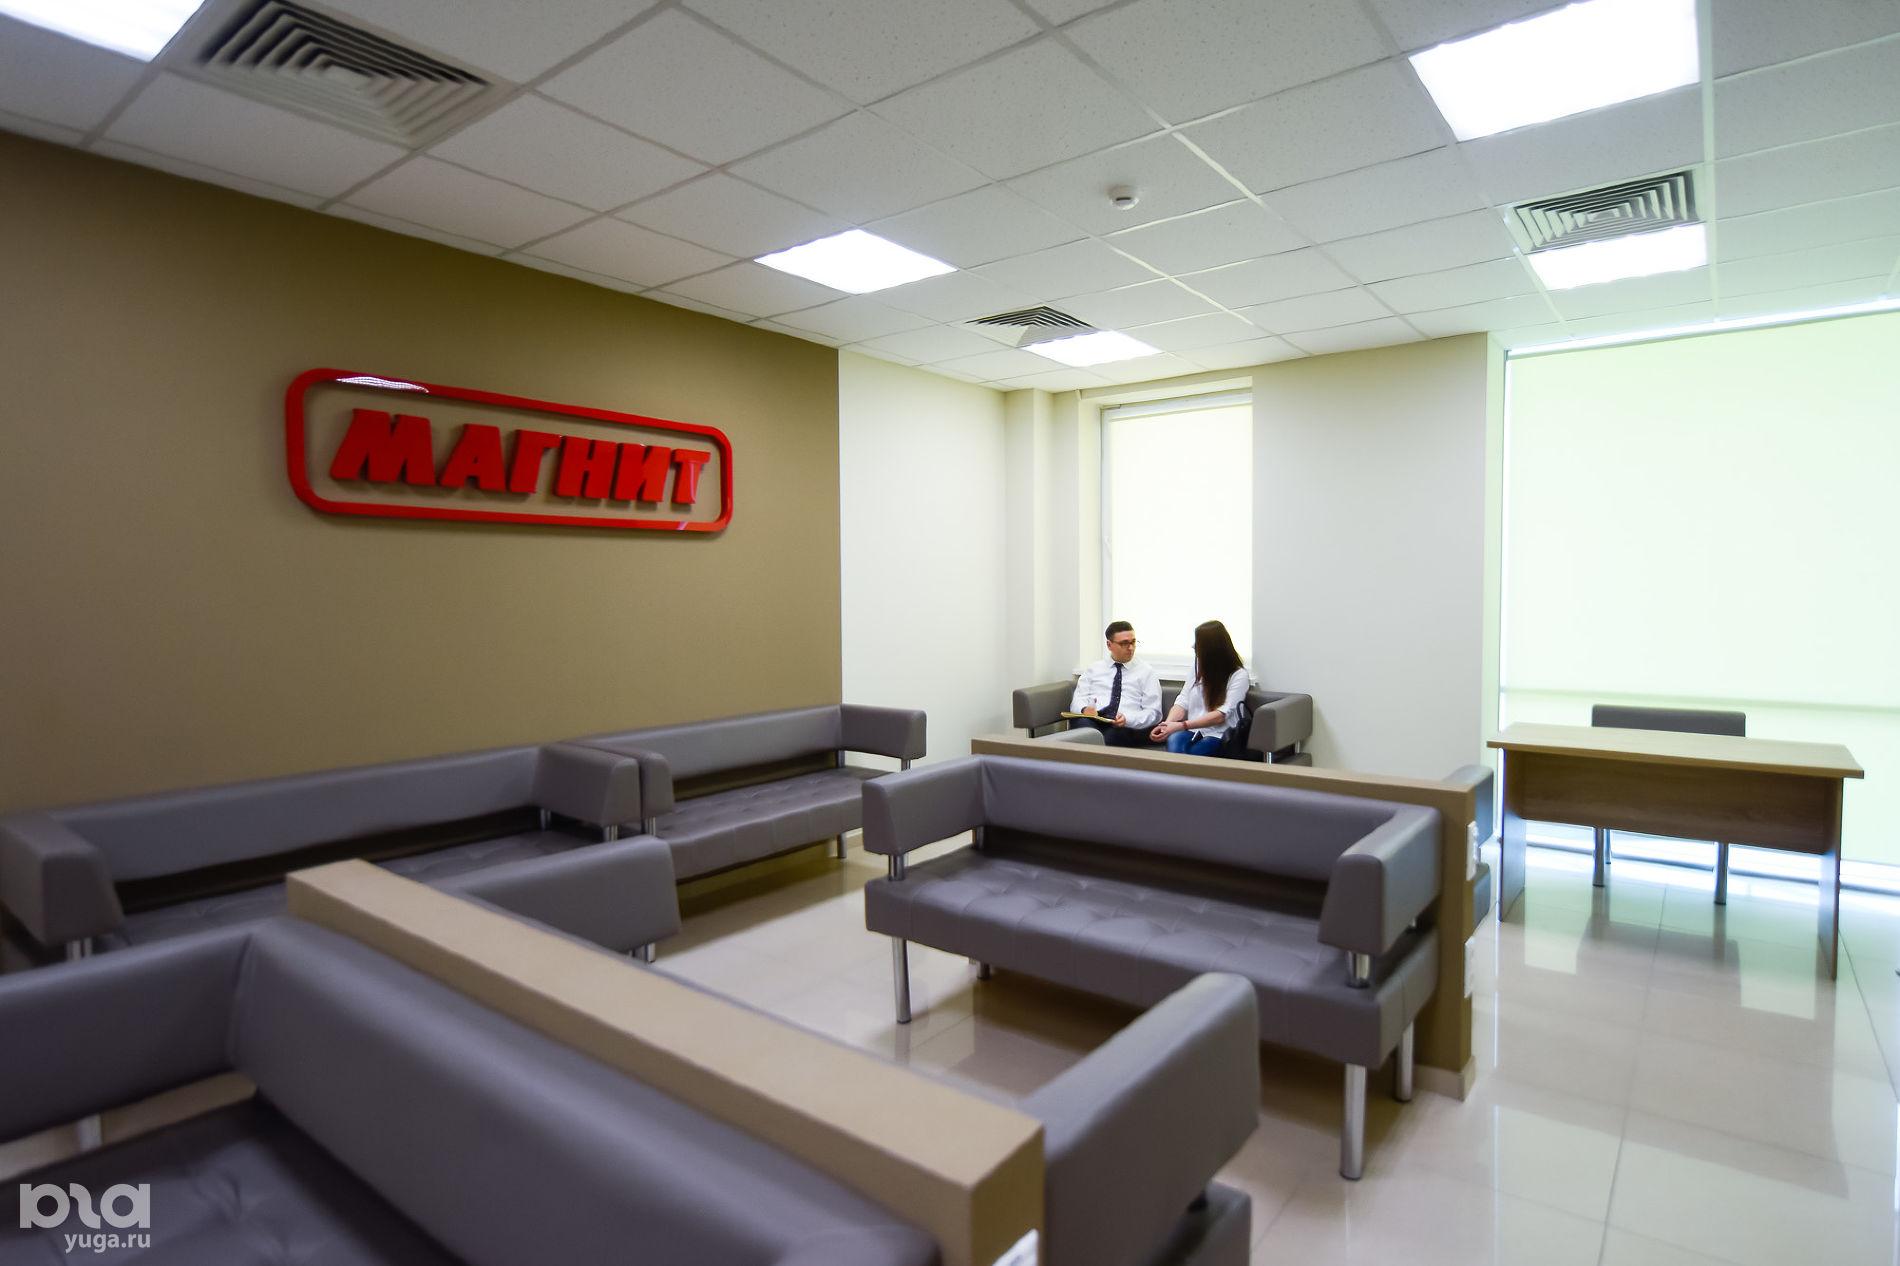 Головной офис компании «Магнит». Зал ожидания для контрагентов компании ©Фото Елены Синеок, Юга.ру